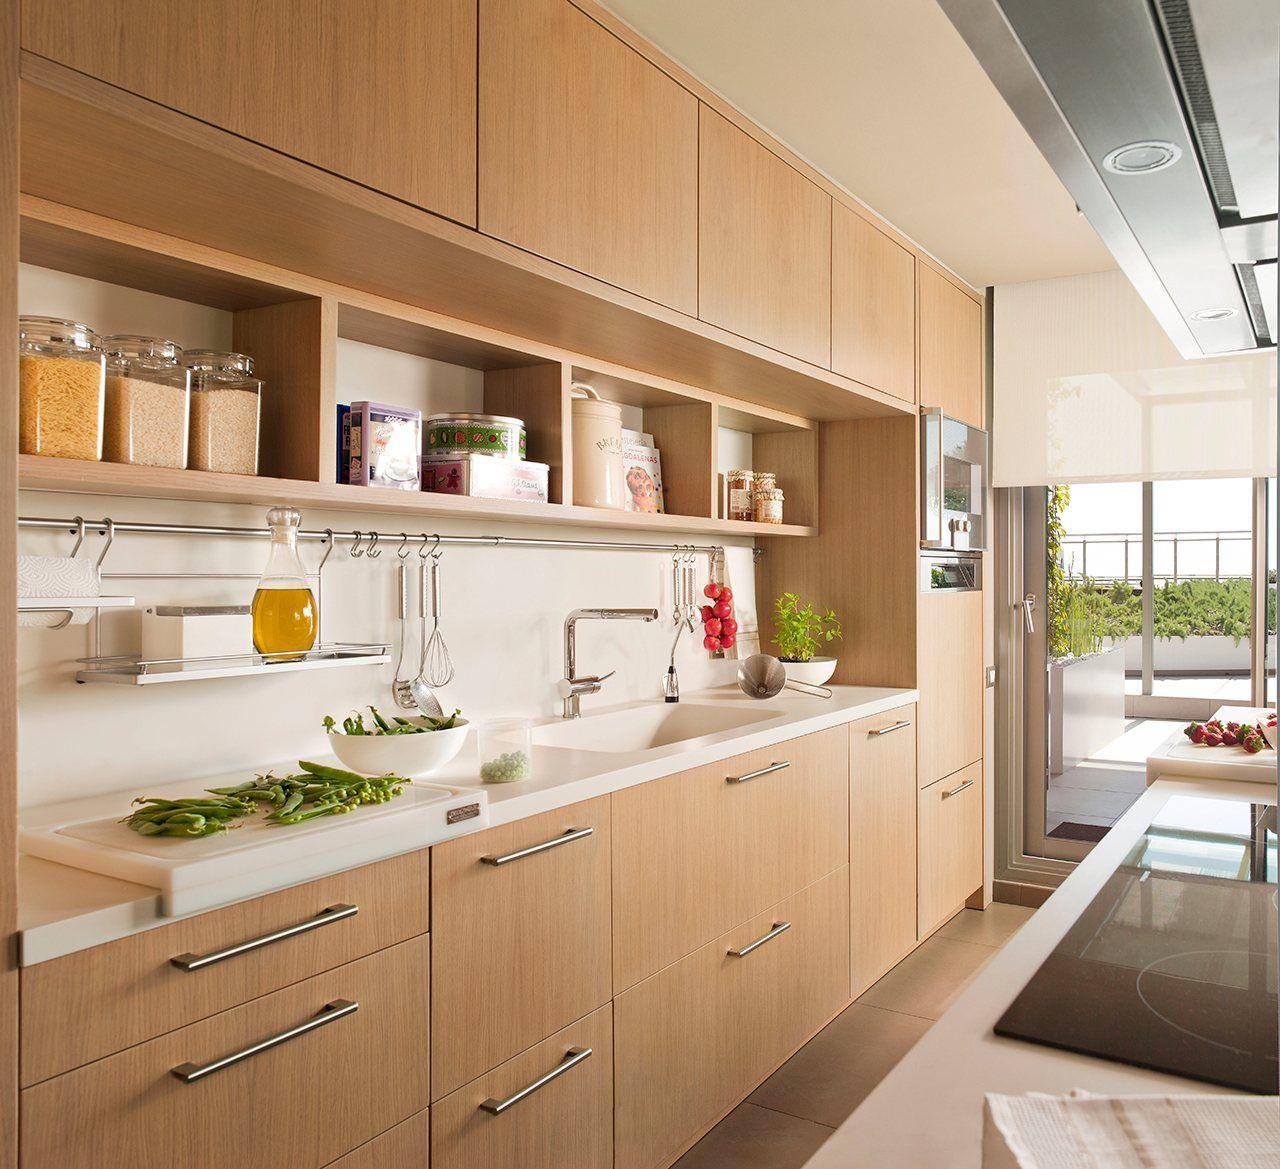 muebles cocinas pequeñas - Buscar con Google | cocinas amoblamientos ...